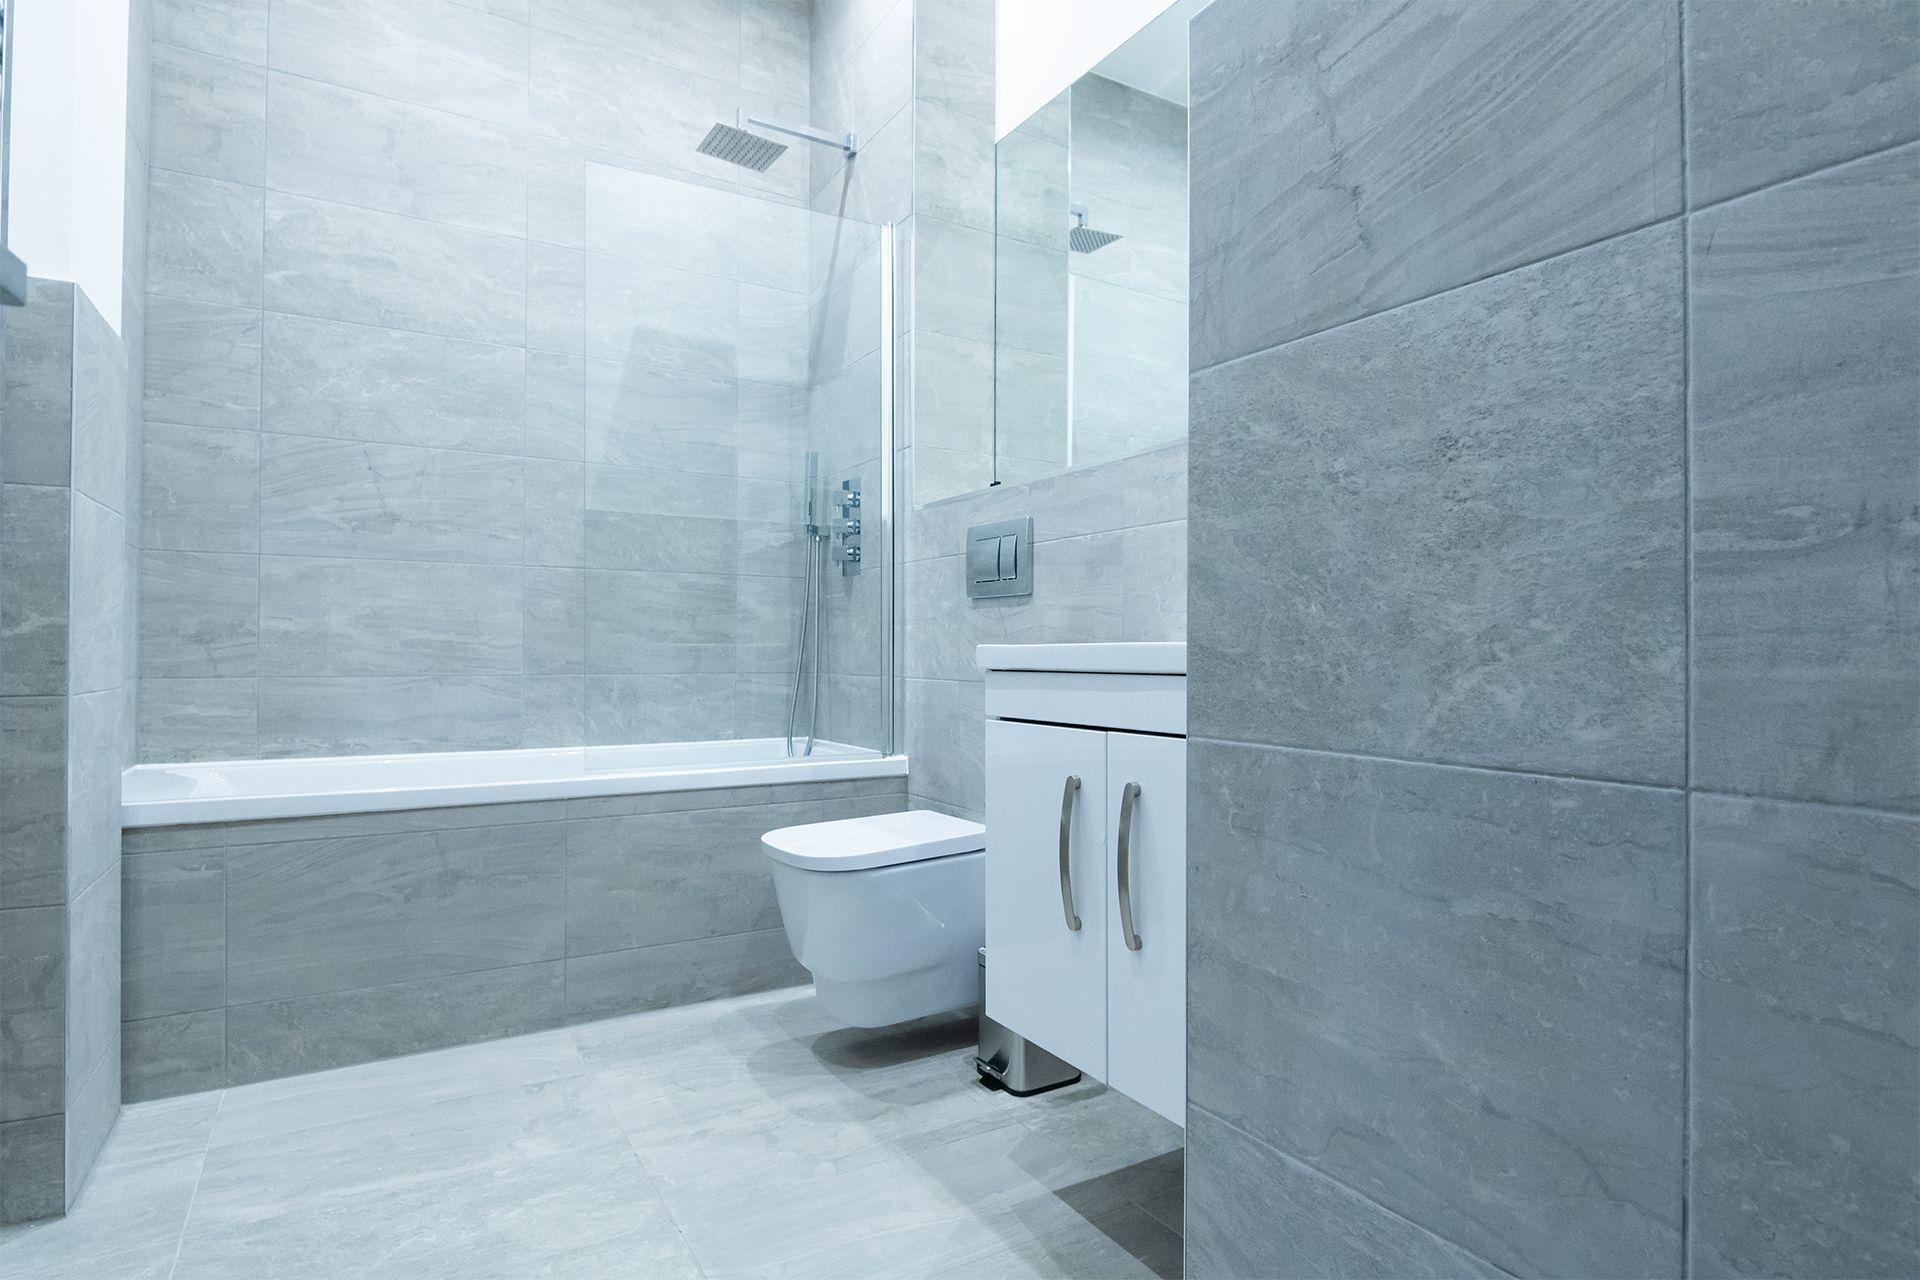 Studio apartment to rent in London VIL-TU-0006